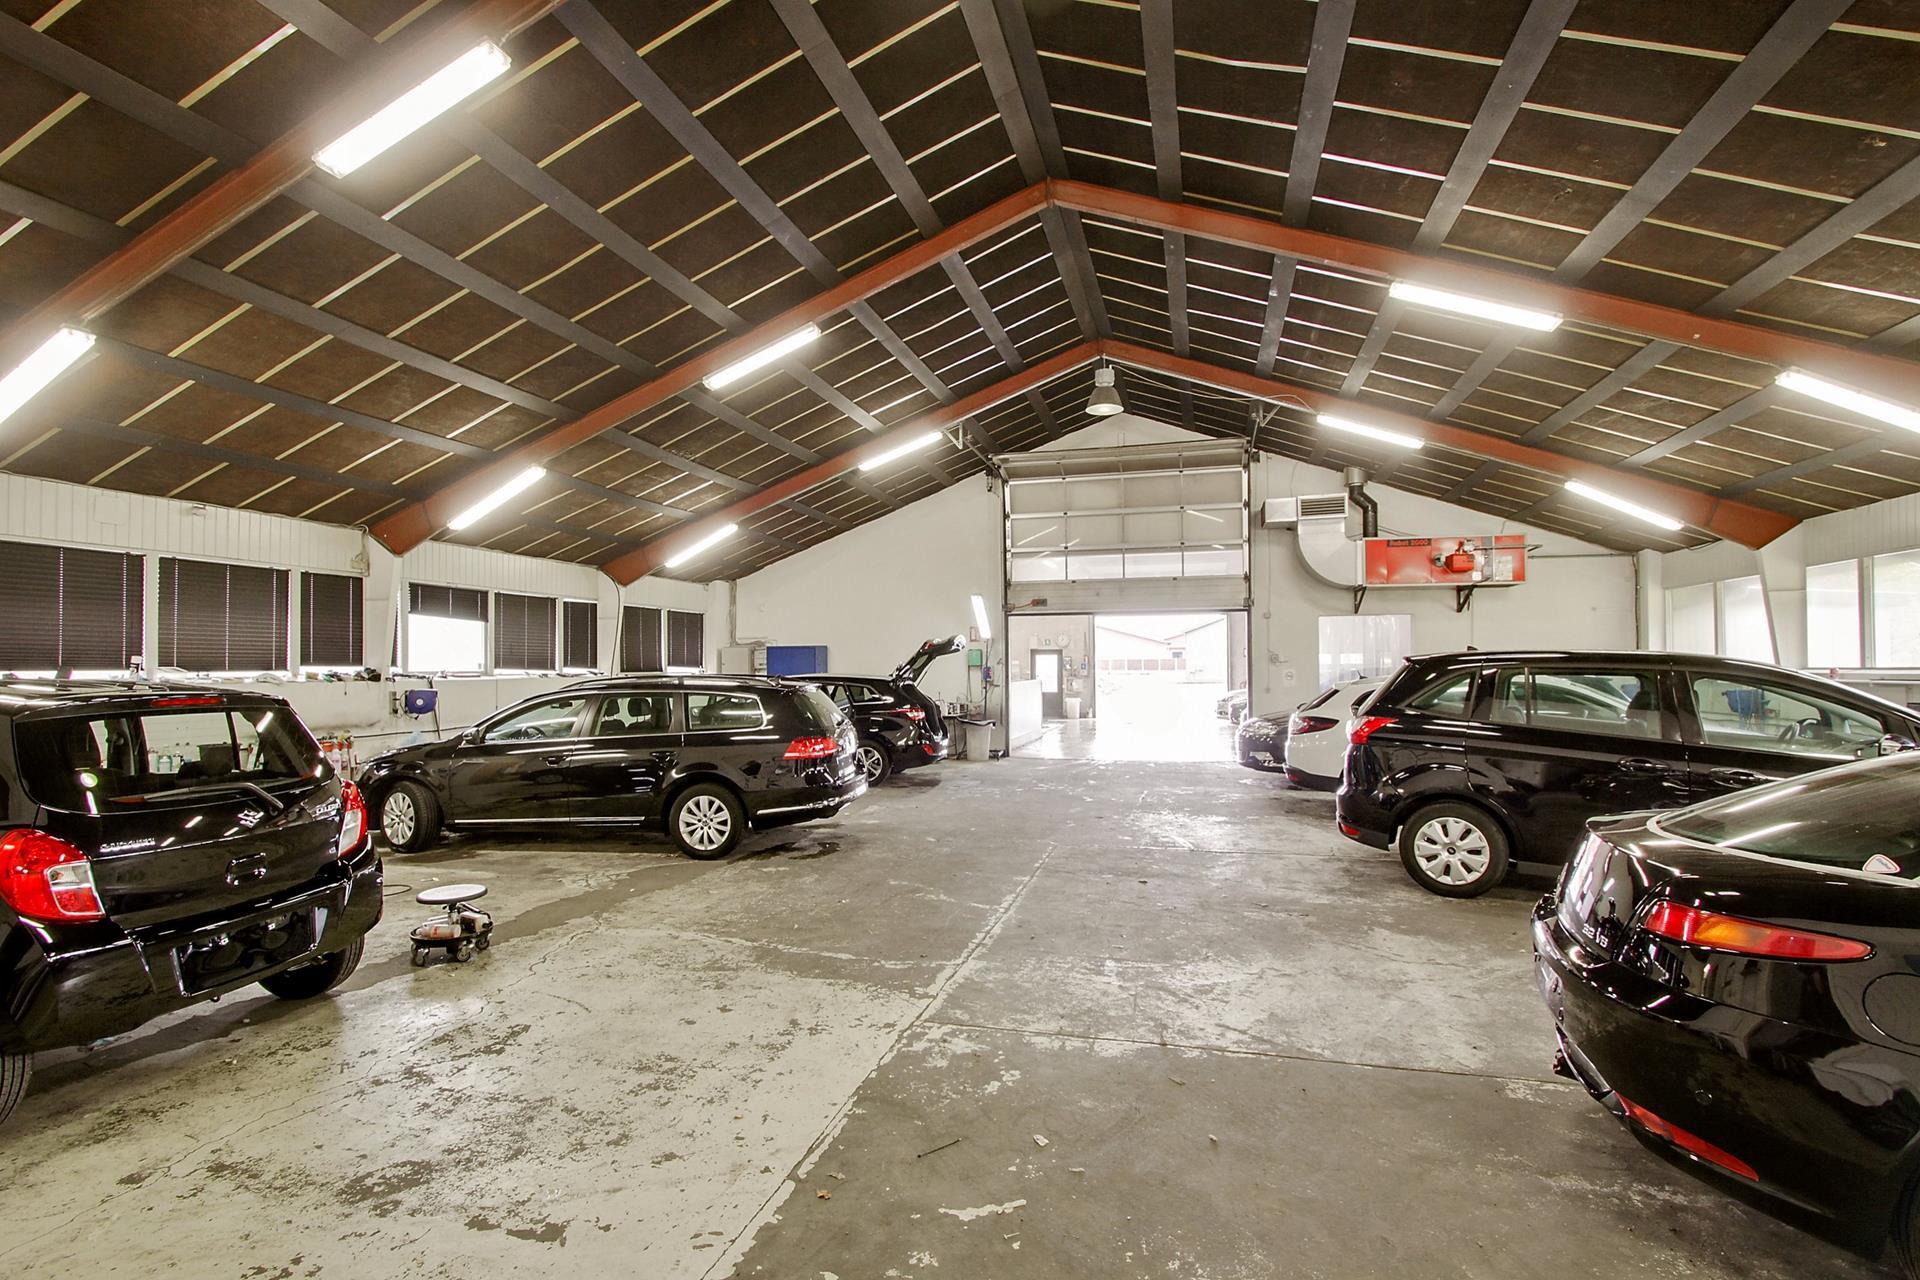 Bolig/erhverv på Thrigesvej i Silkeborg - Værksted